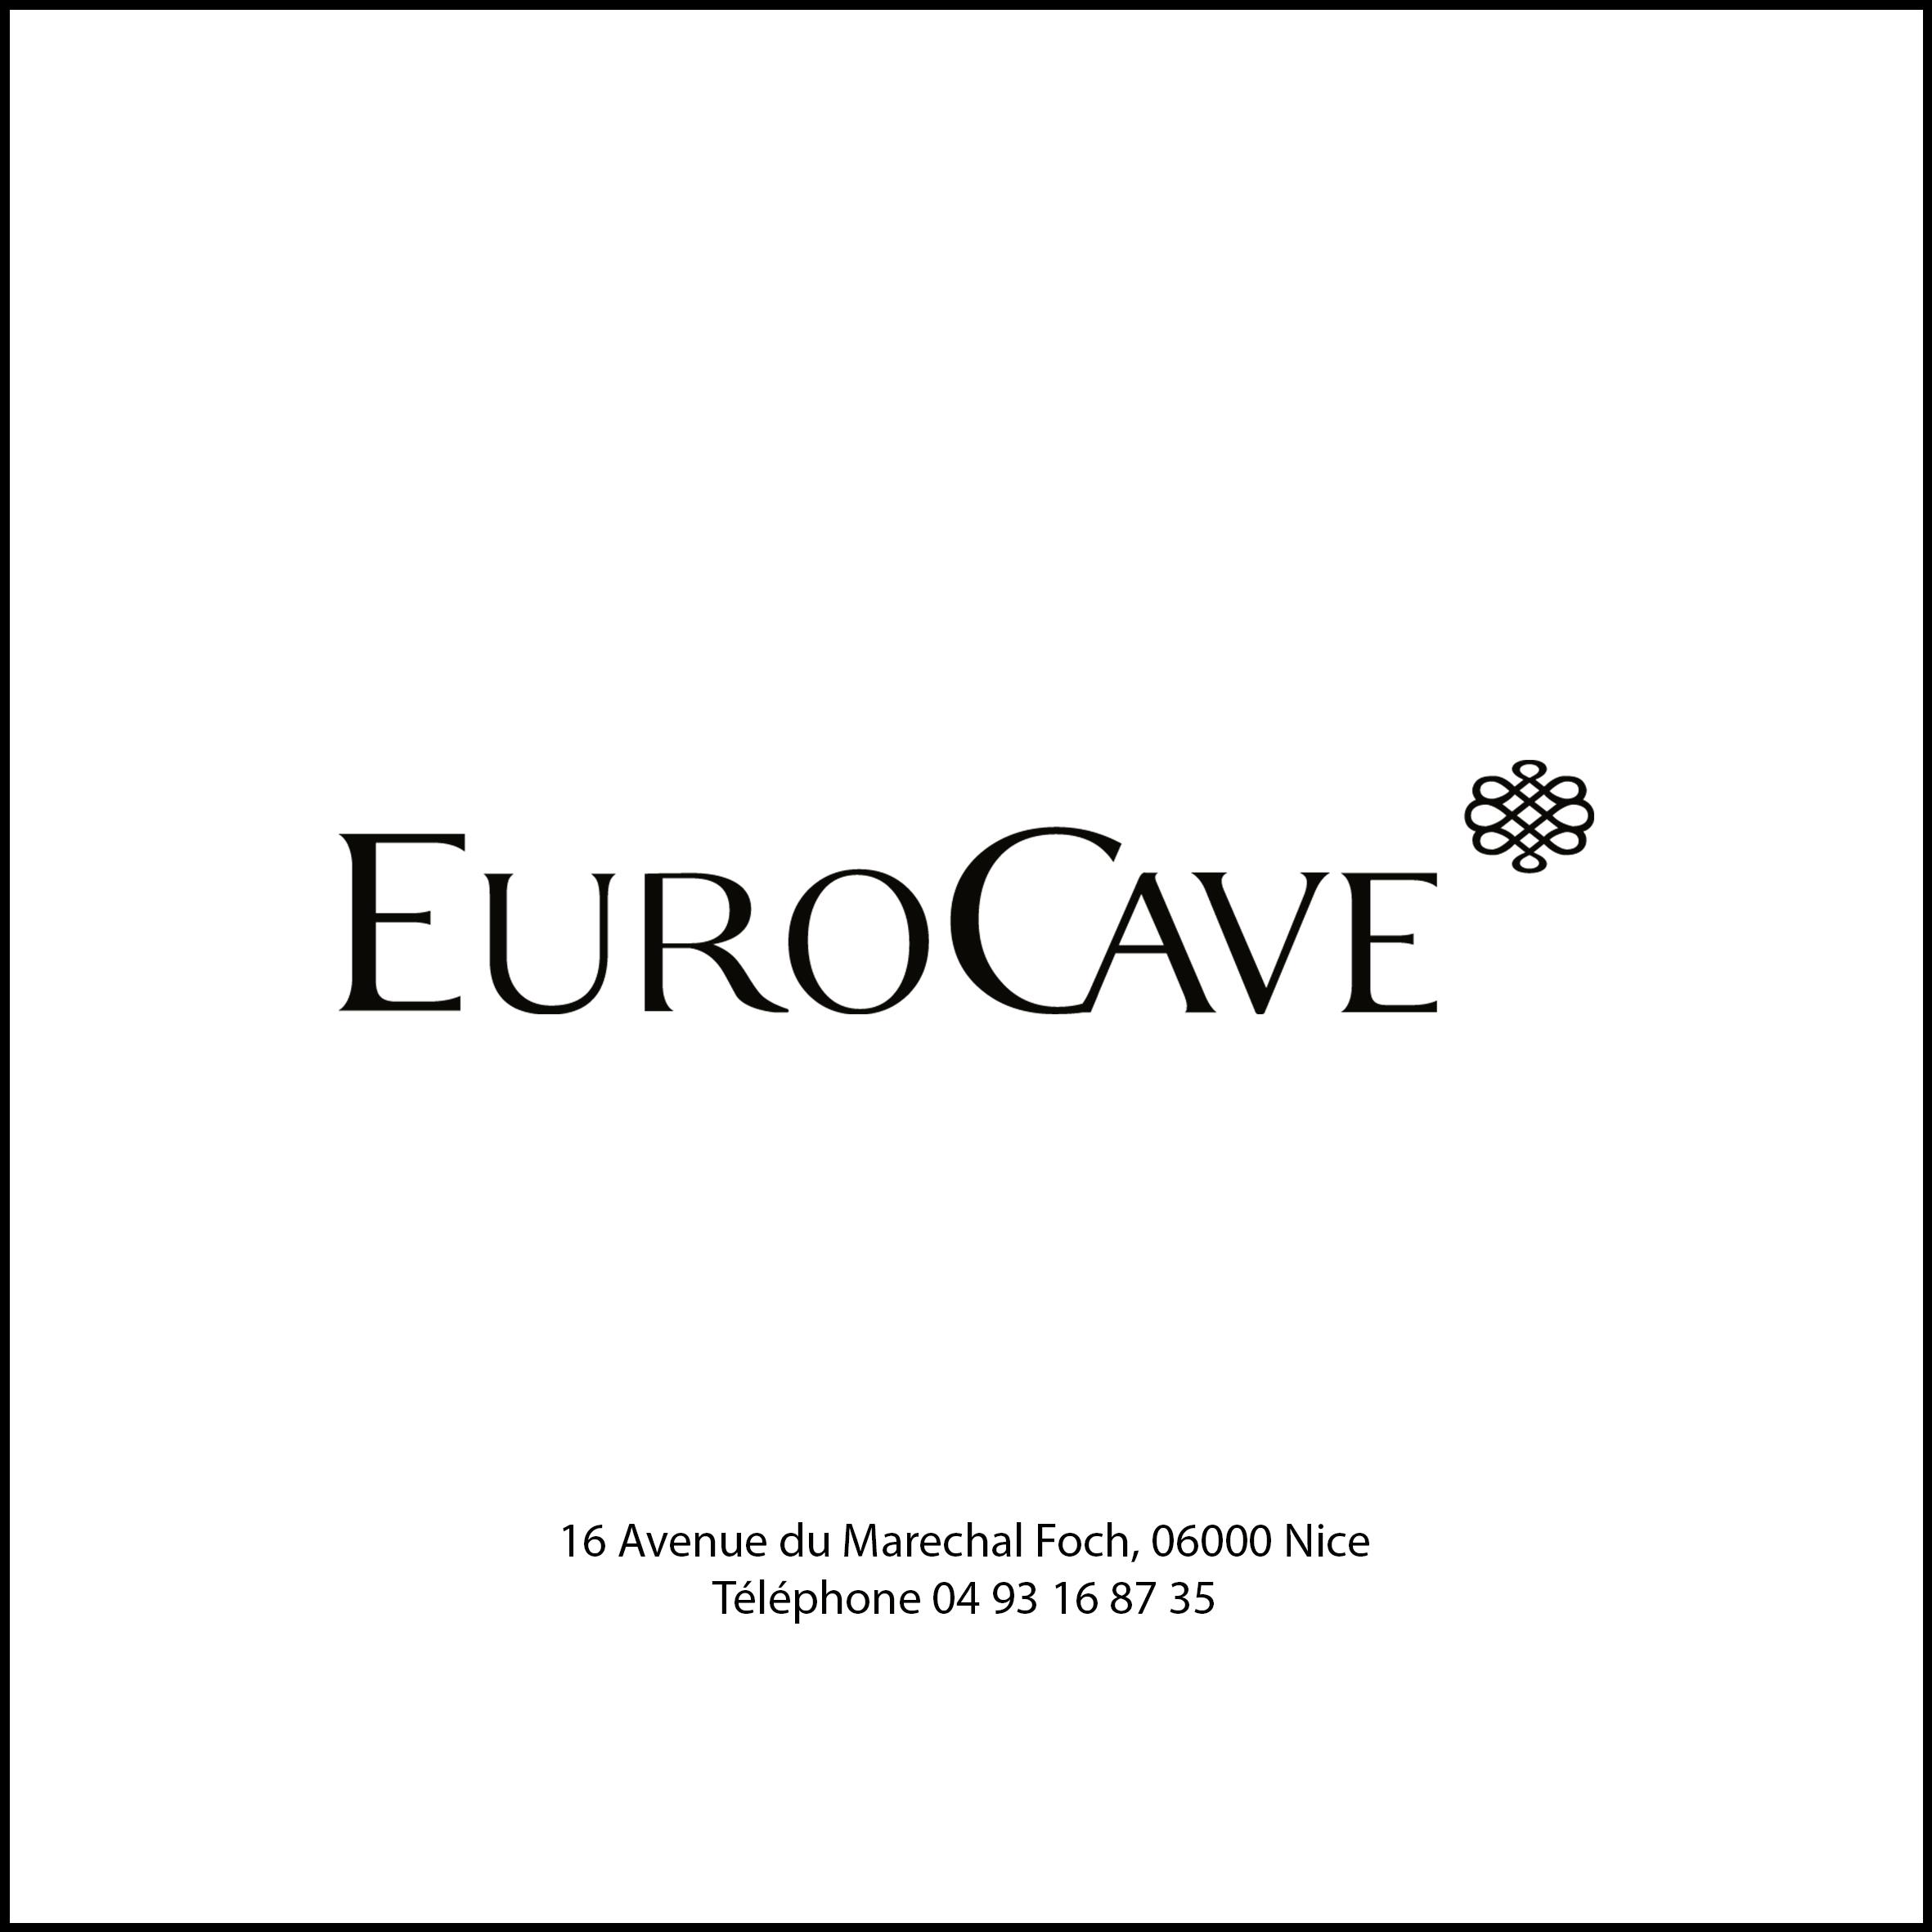 eurocave cadre noir.jpg